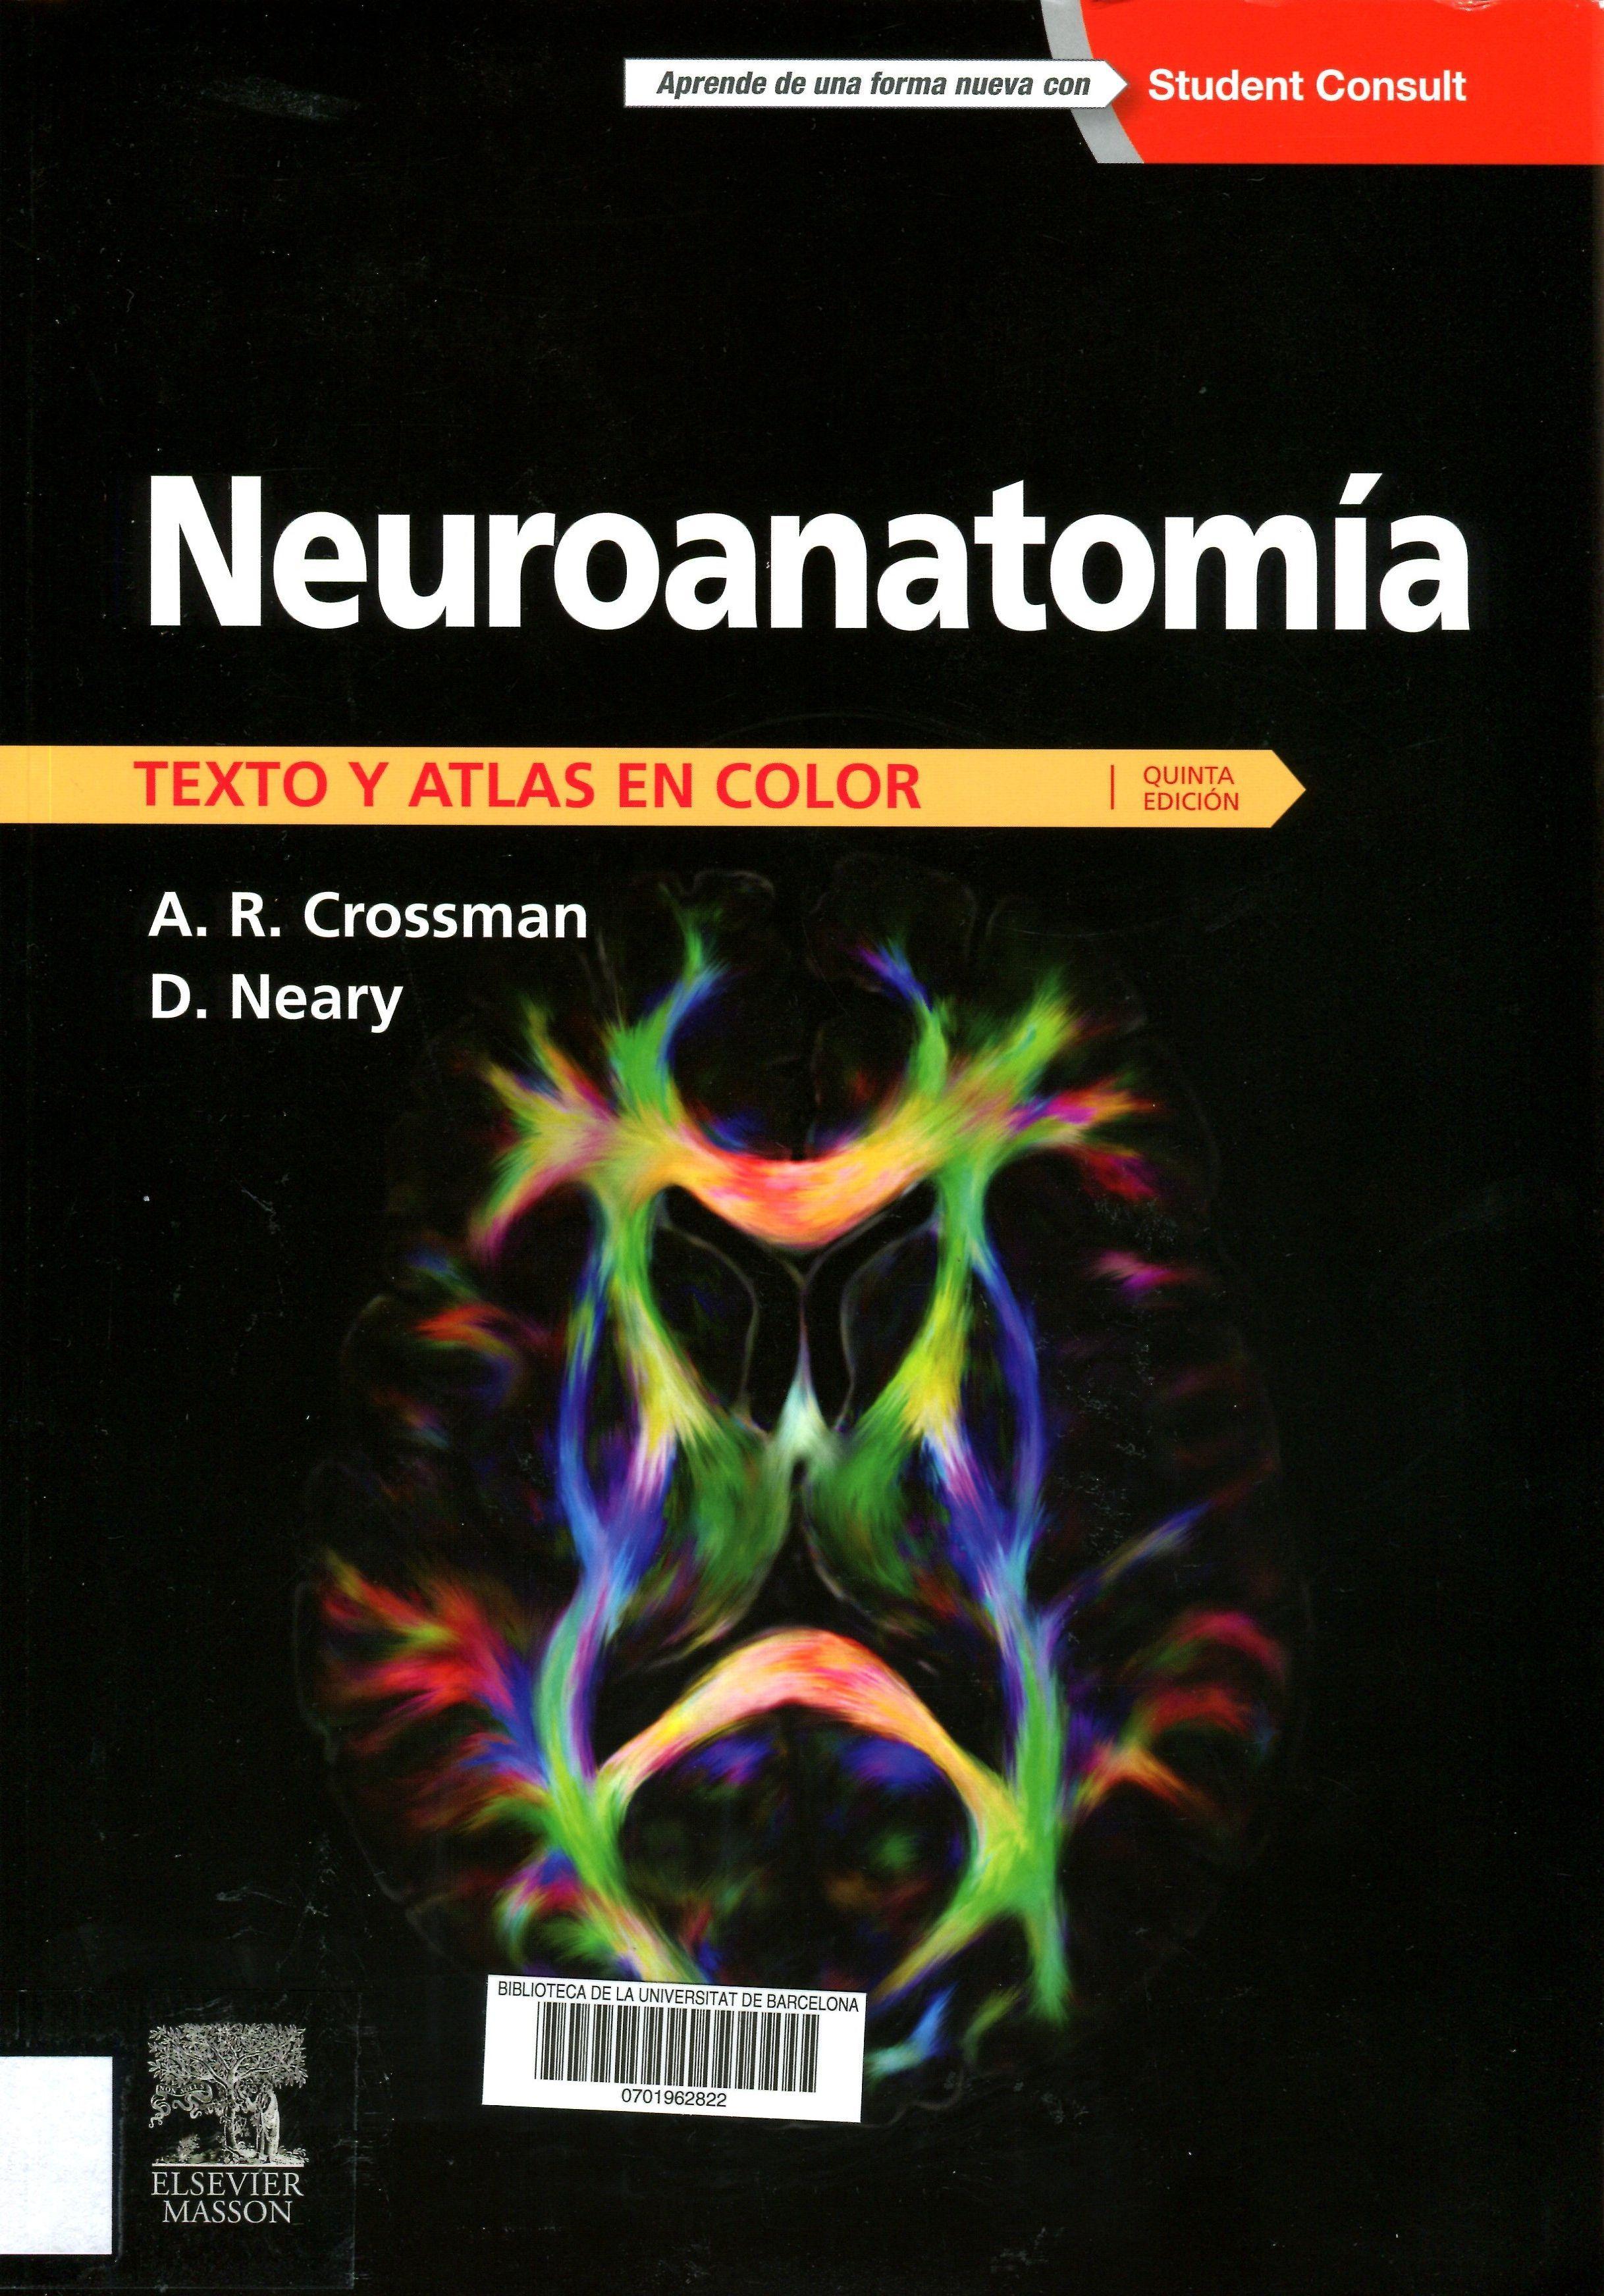 Neuroanatomia Texto Y Atlas En Color Quinta Edicion A R